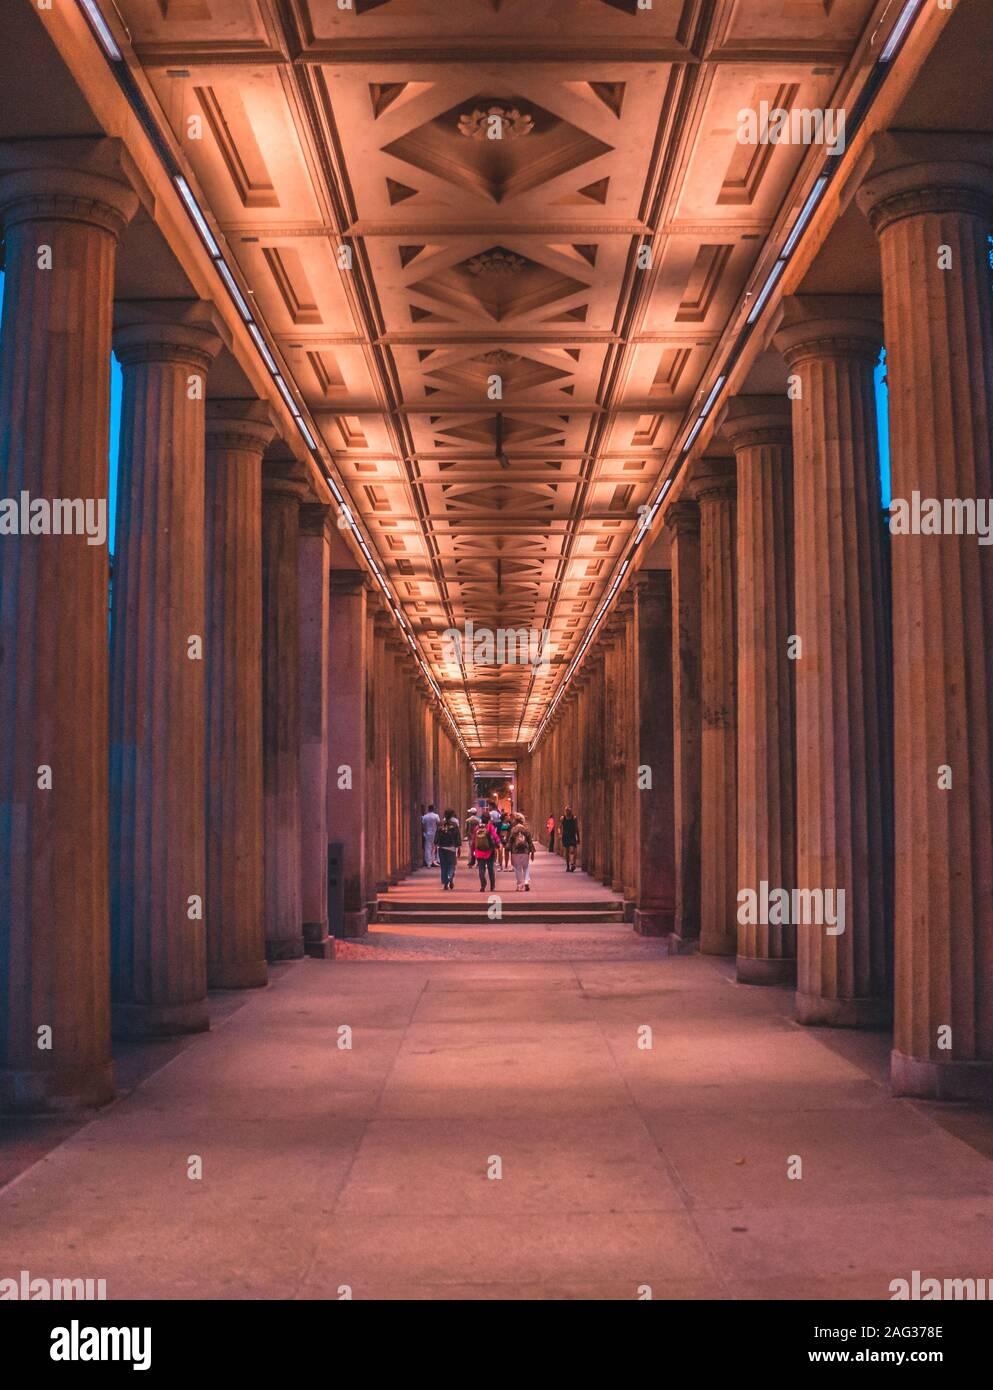 Eine Vertikale Shot Der Beleuchteten Brandenburger Tor In Berlin Von Innen Am Abend Stockfotografie Alamy